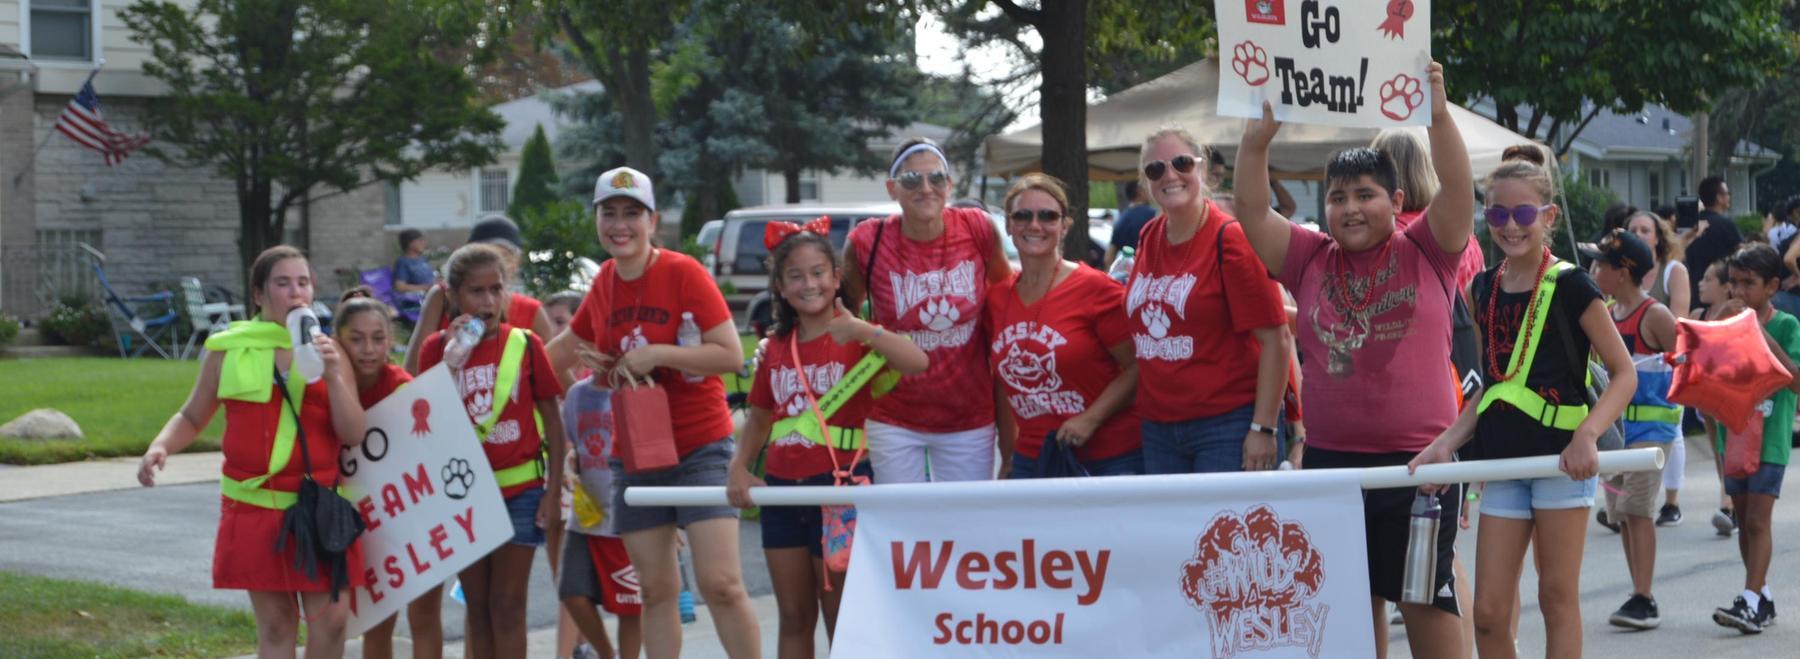 Wesley in parade